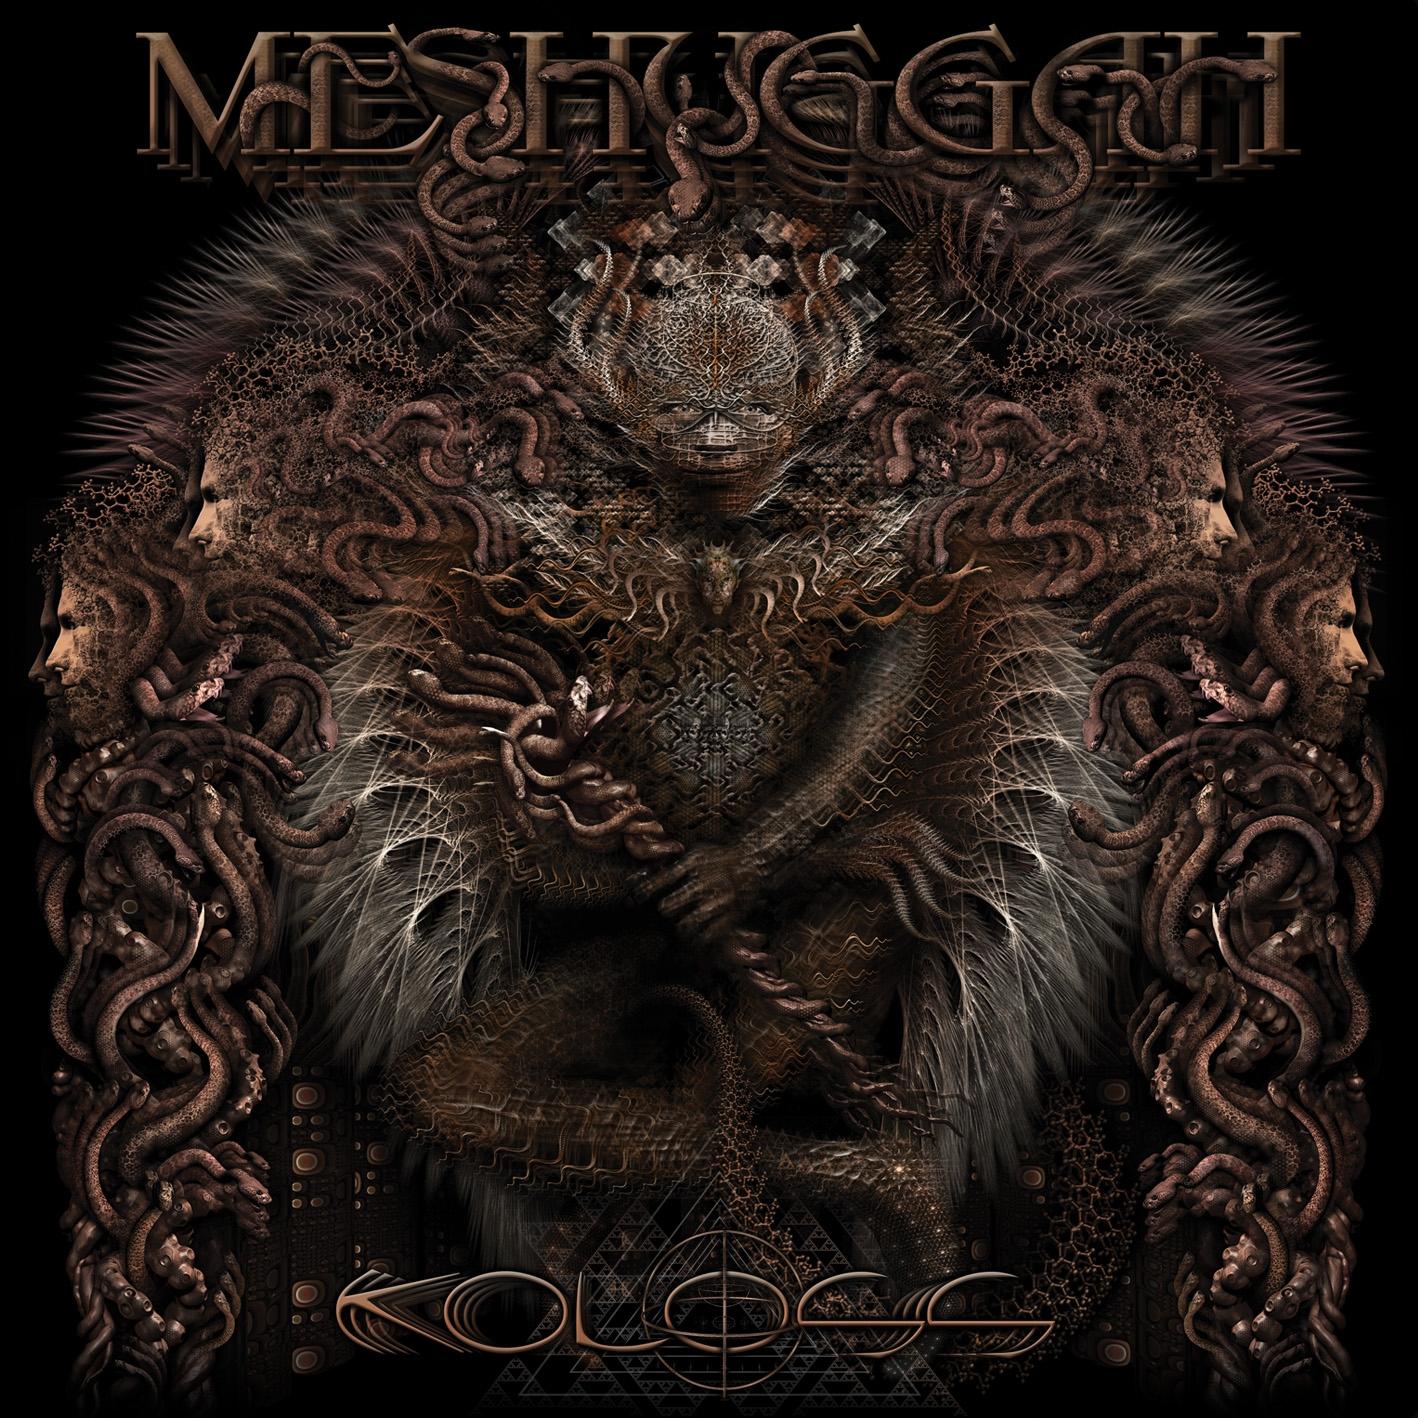 Meshuggah-Koloss-Artwork-2